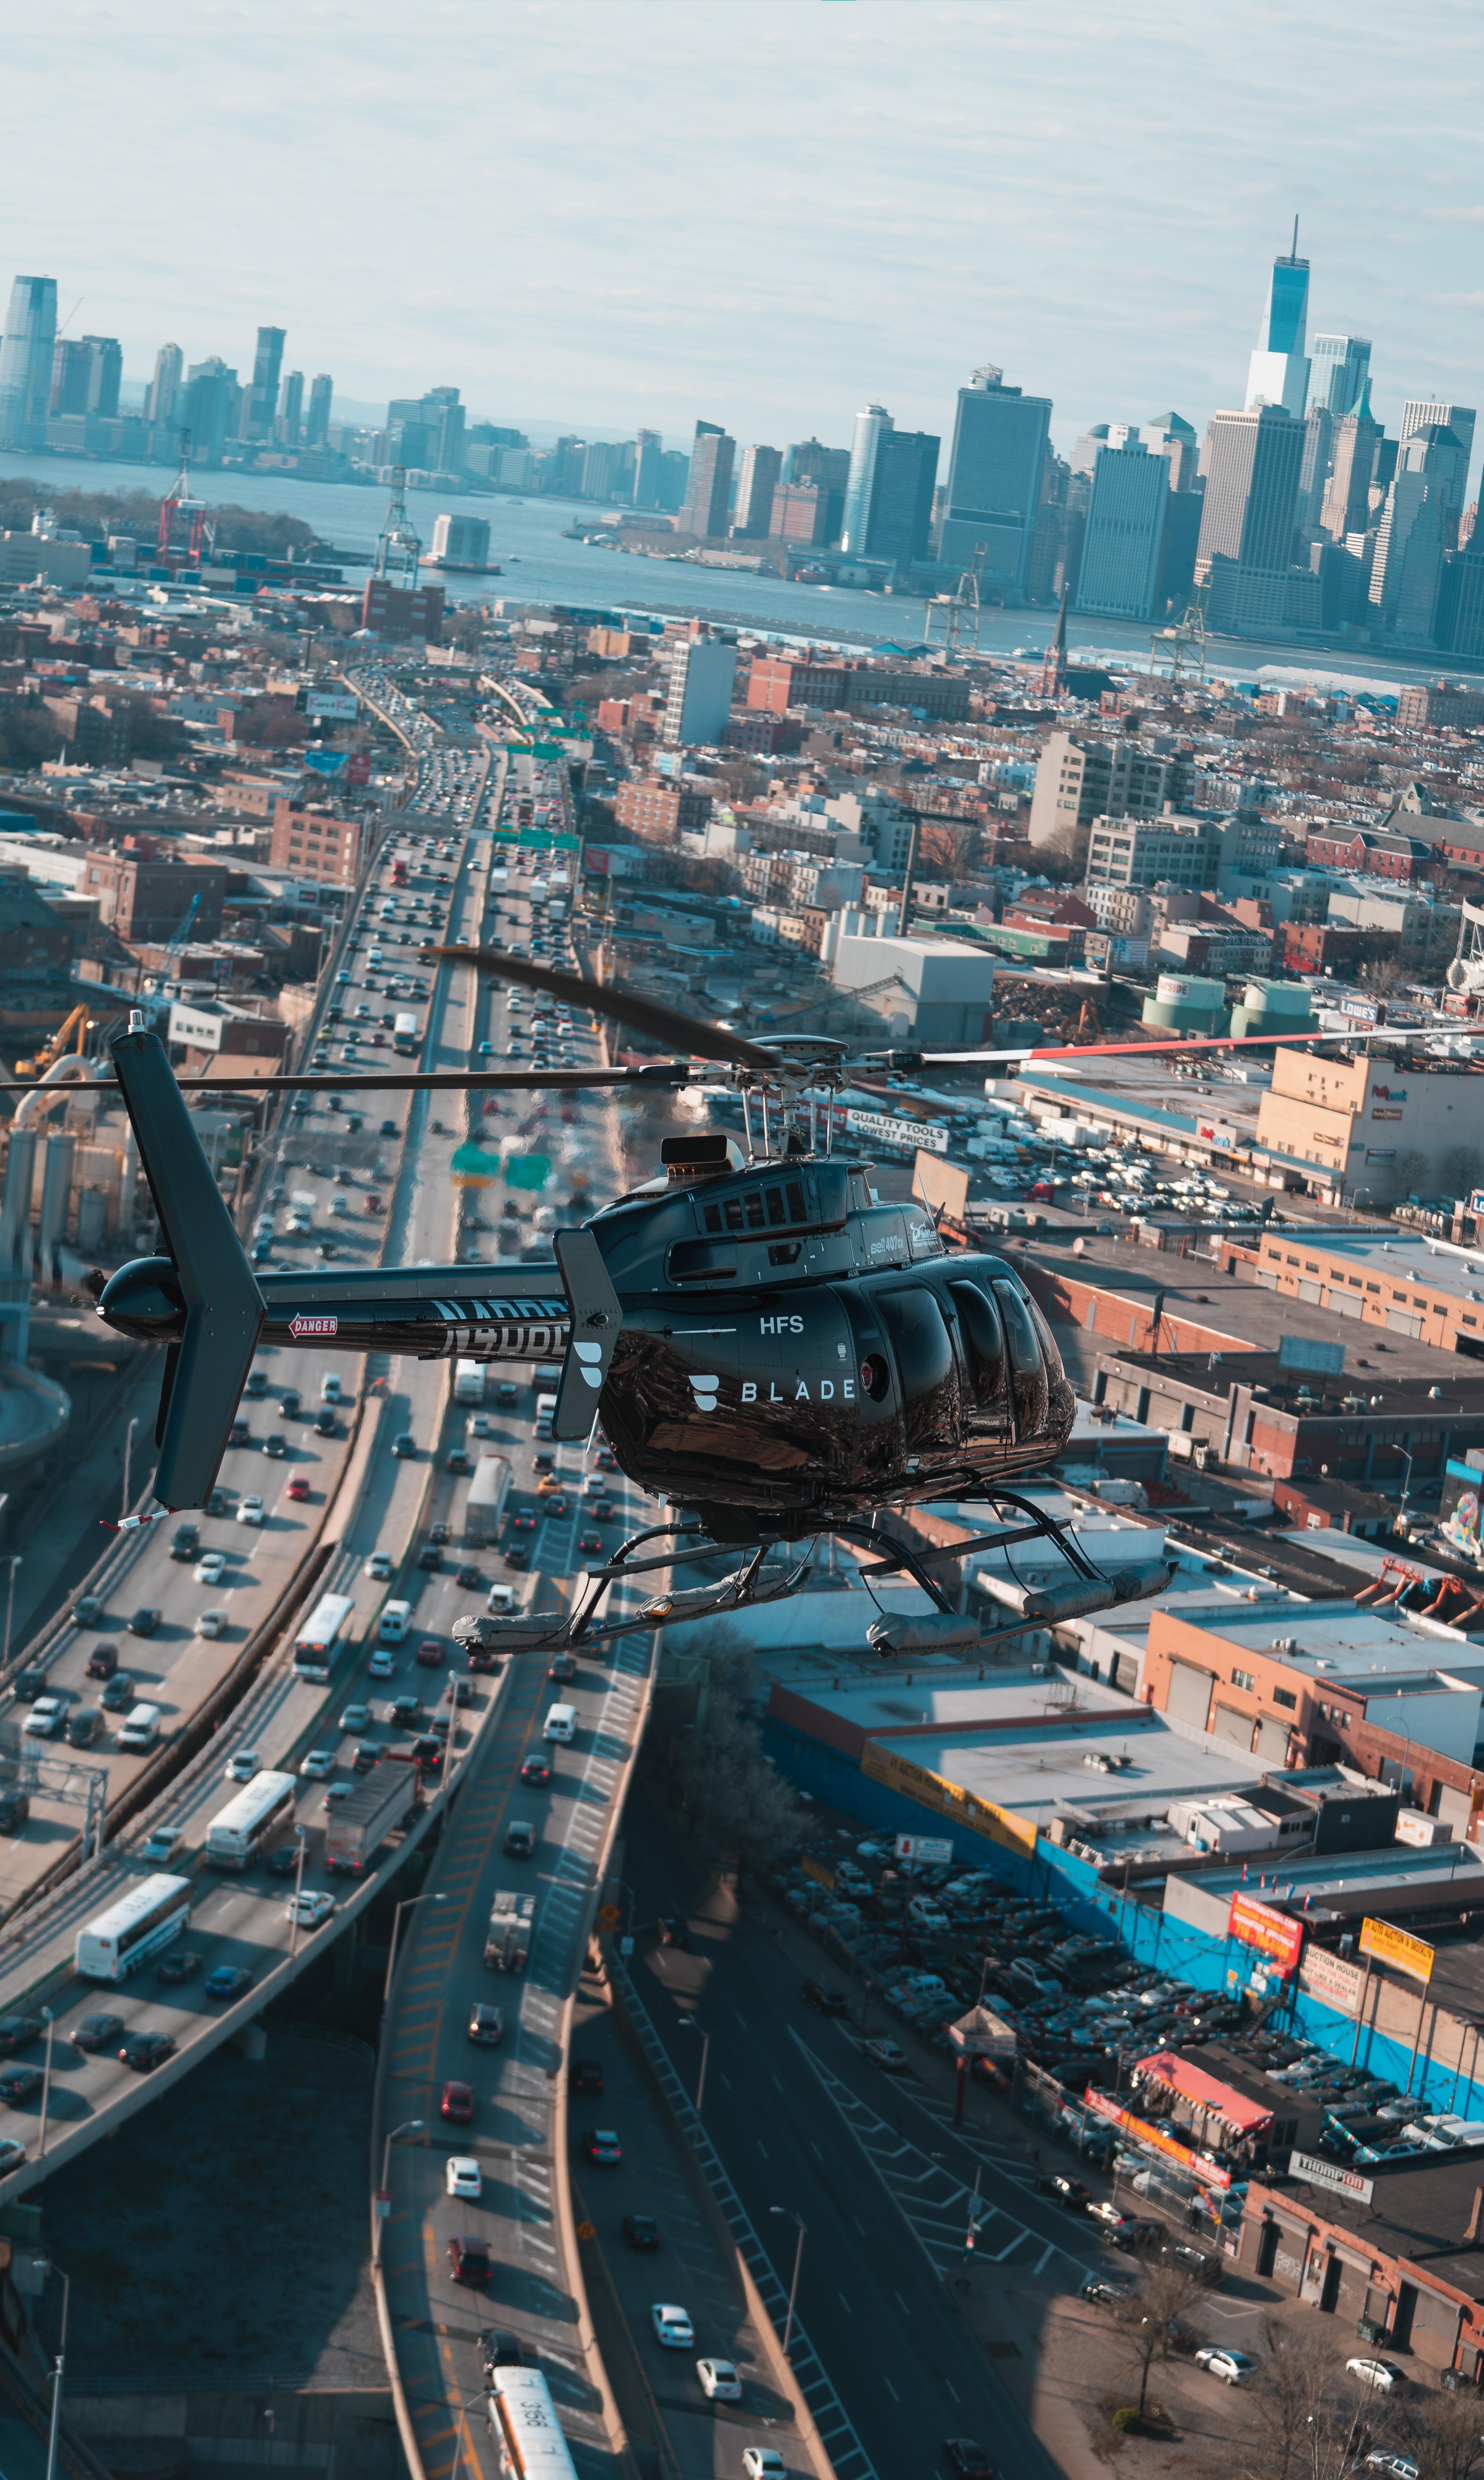 BLADE UAM NYC